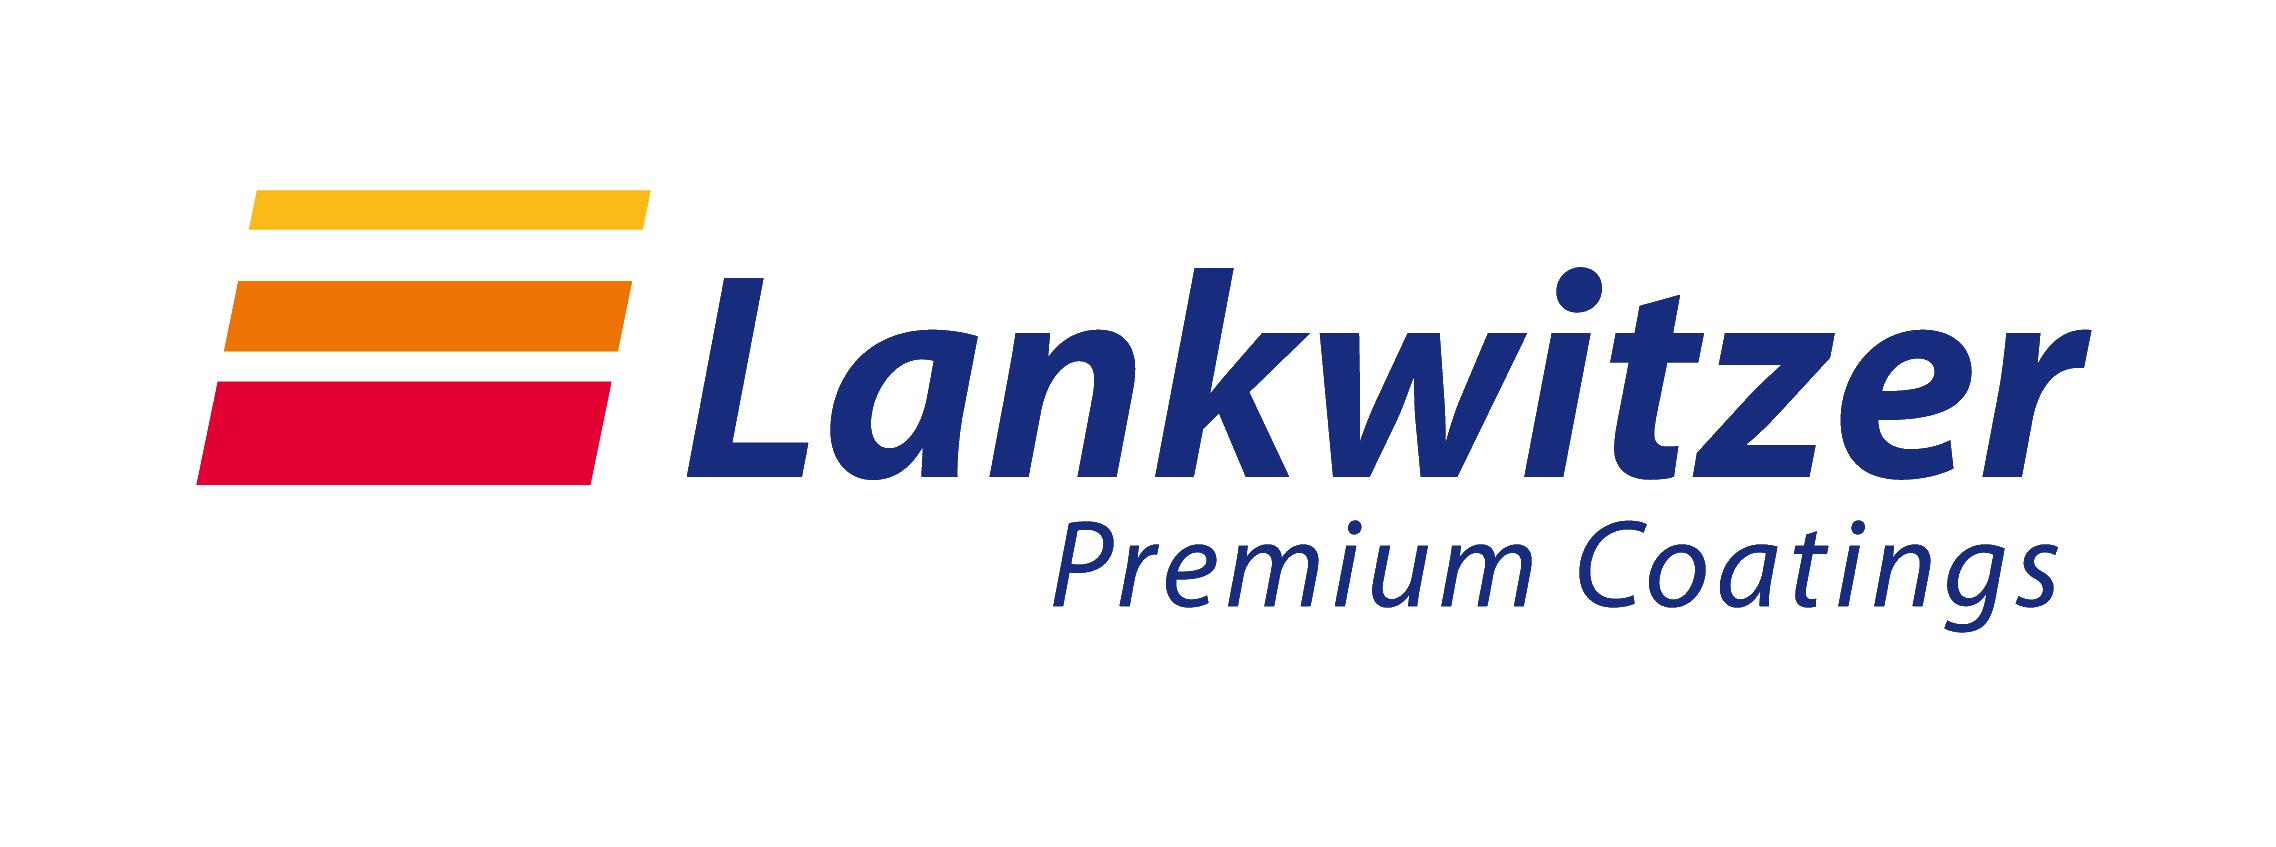 Lankwitzer.sk